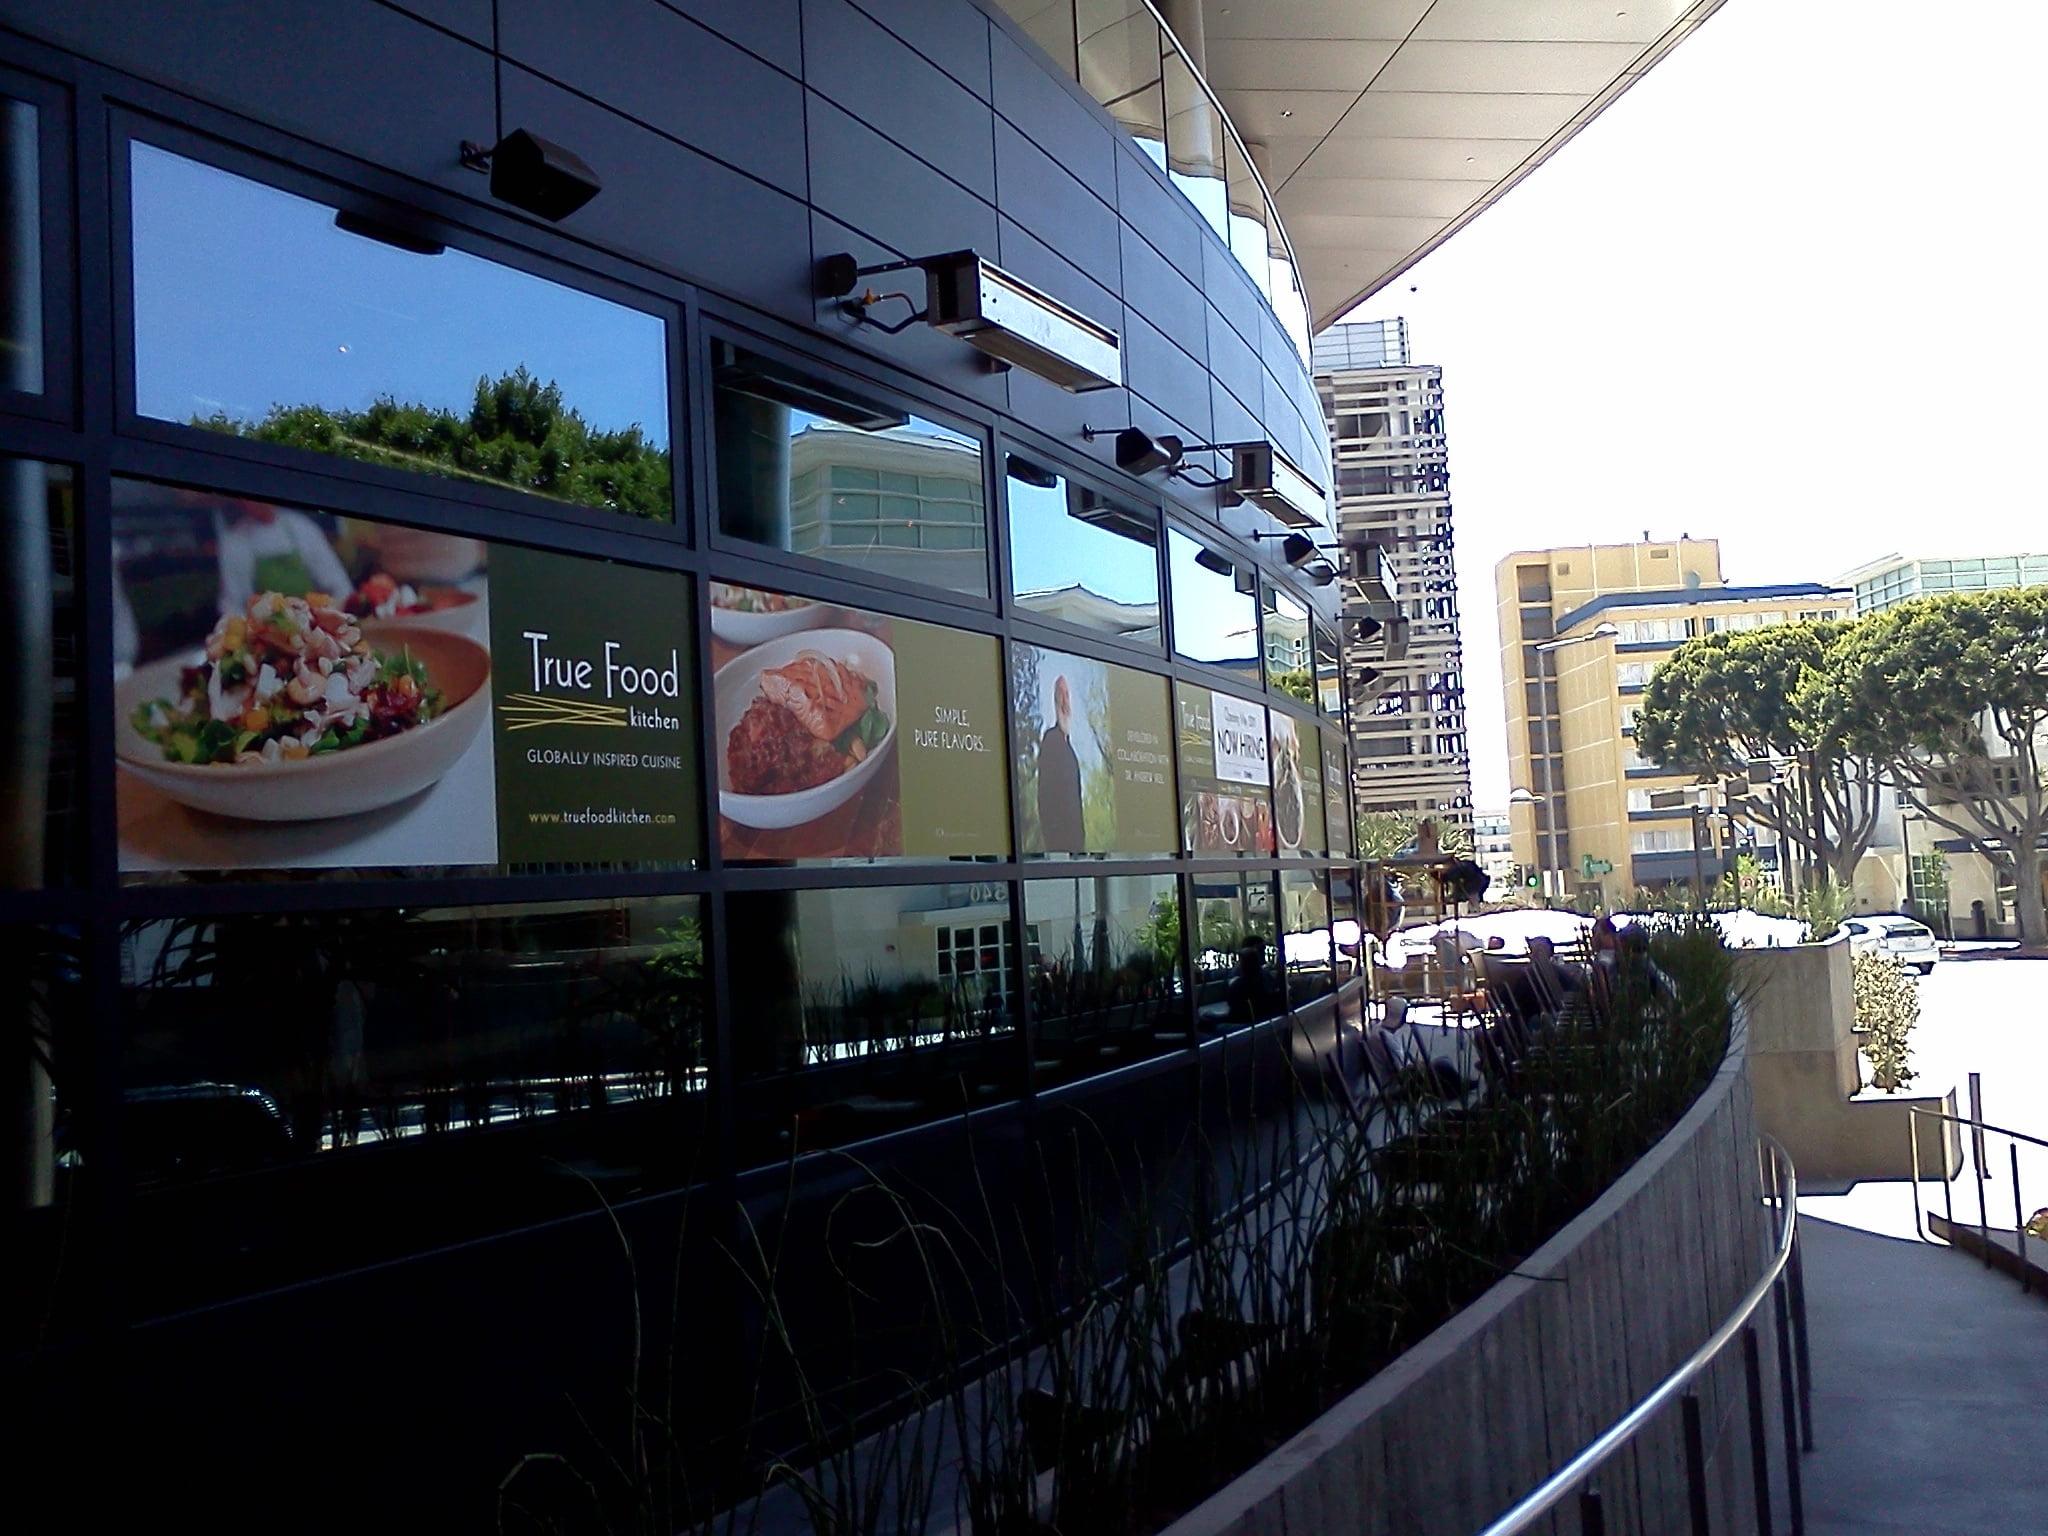 New Curtain Wall Job – Tru Foods, Santa Monica Location.